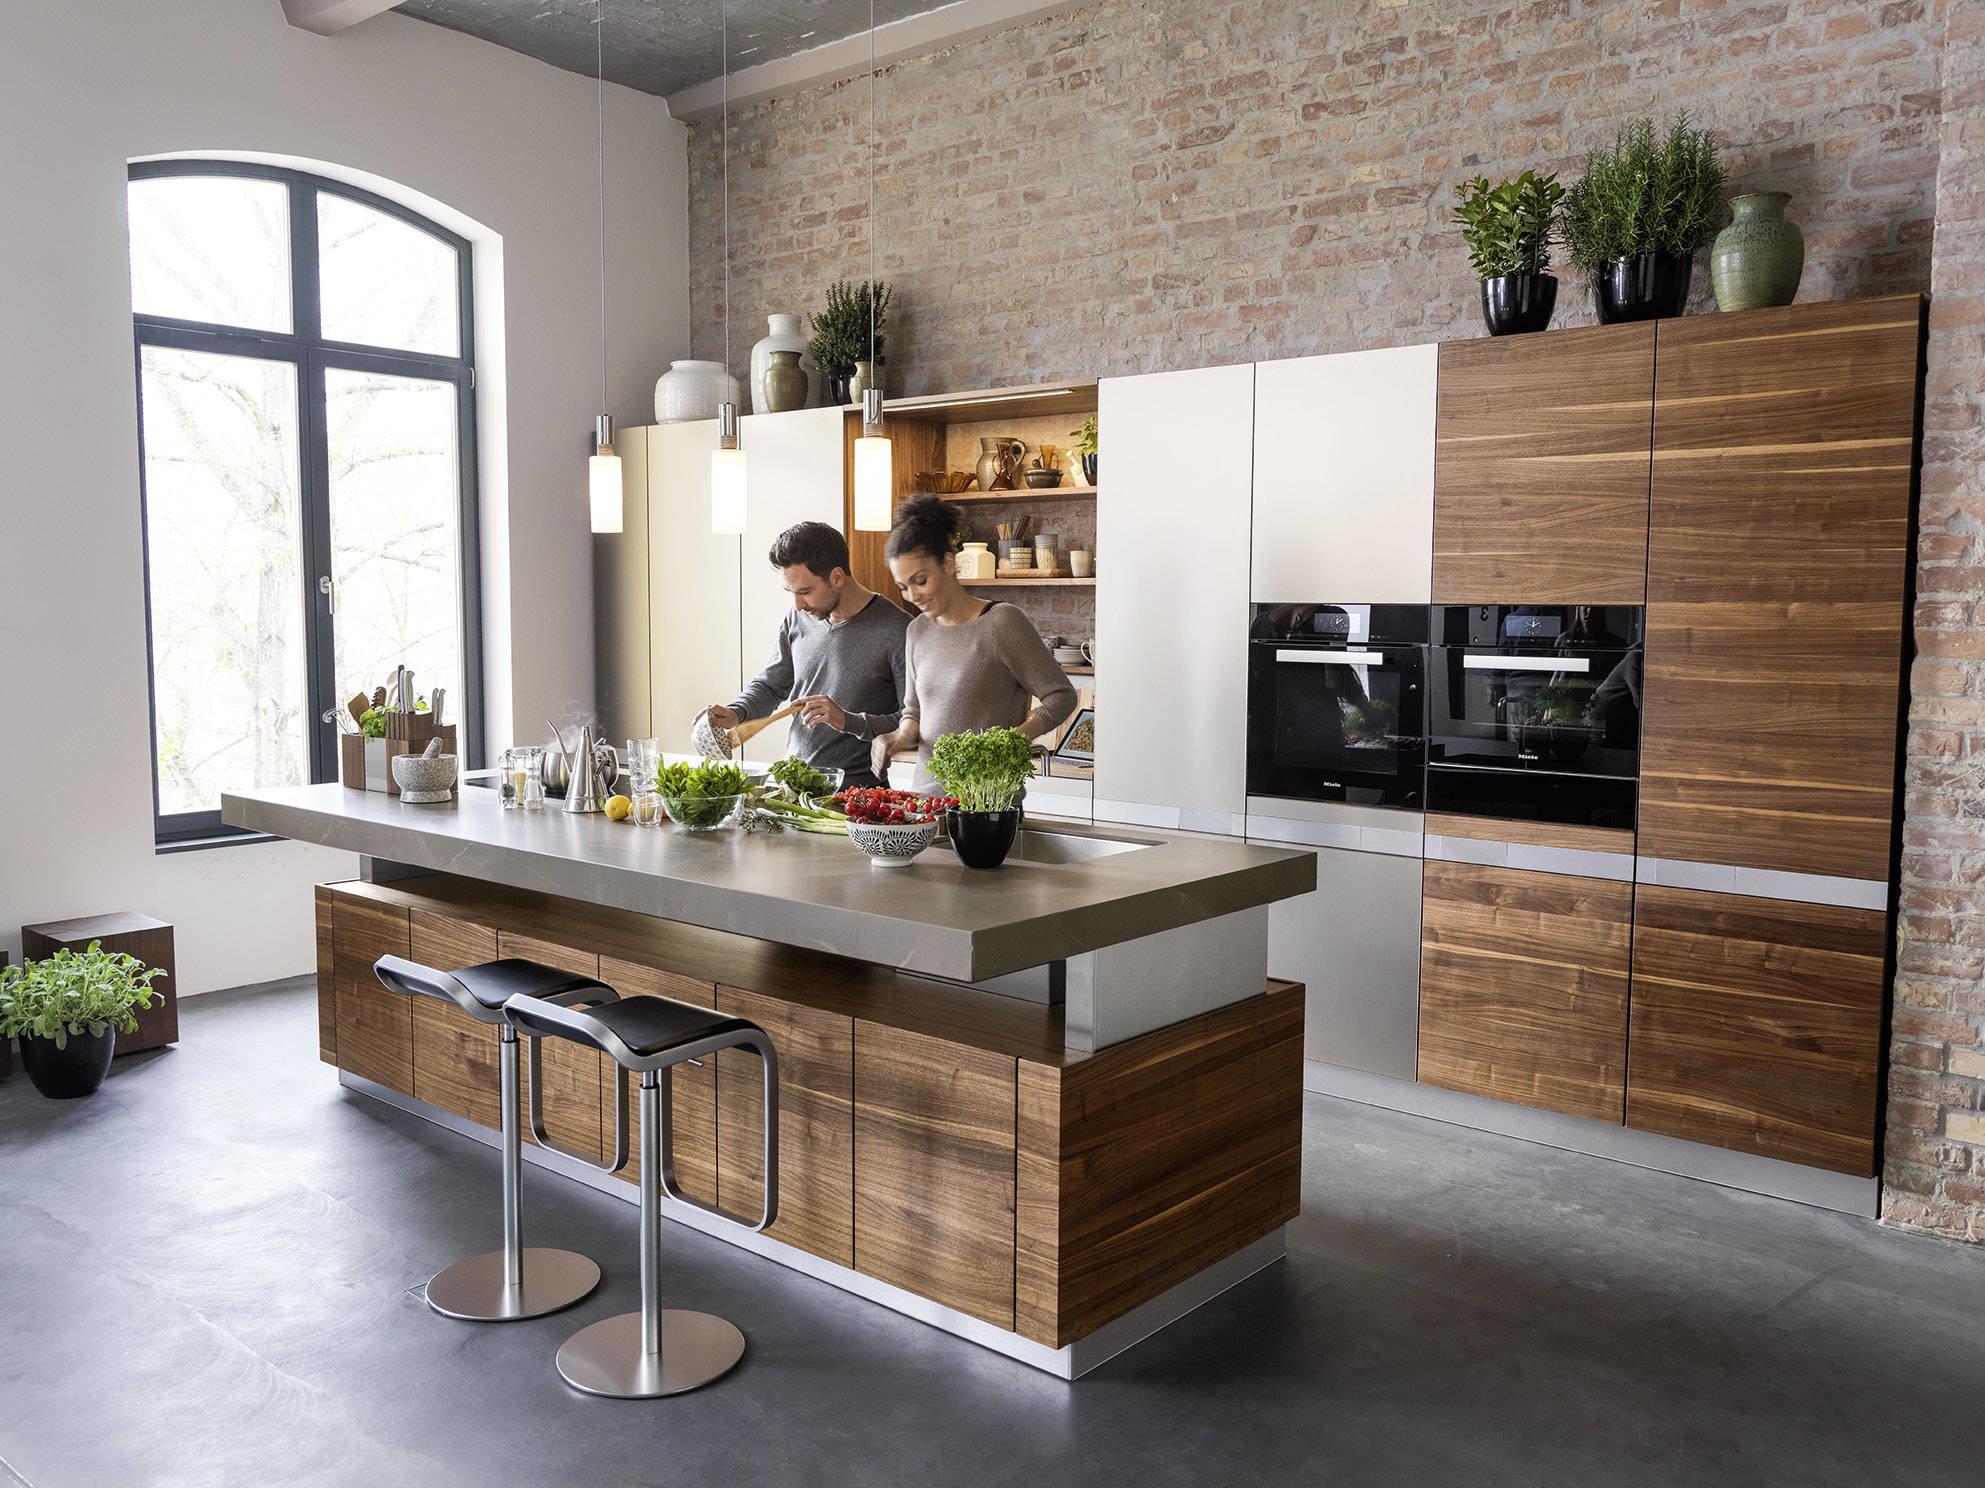 Full Size of Küchen Inspiration Kchen Griwa Interior Regal Wohnzimmer Küchen